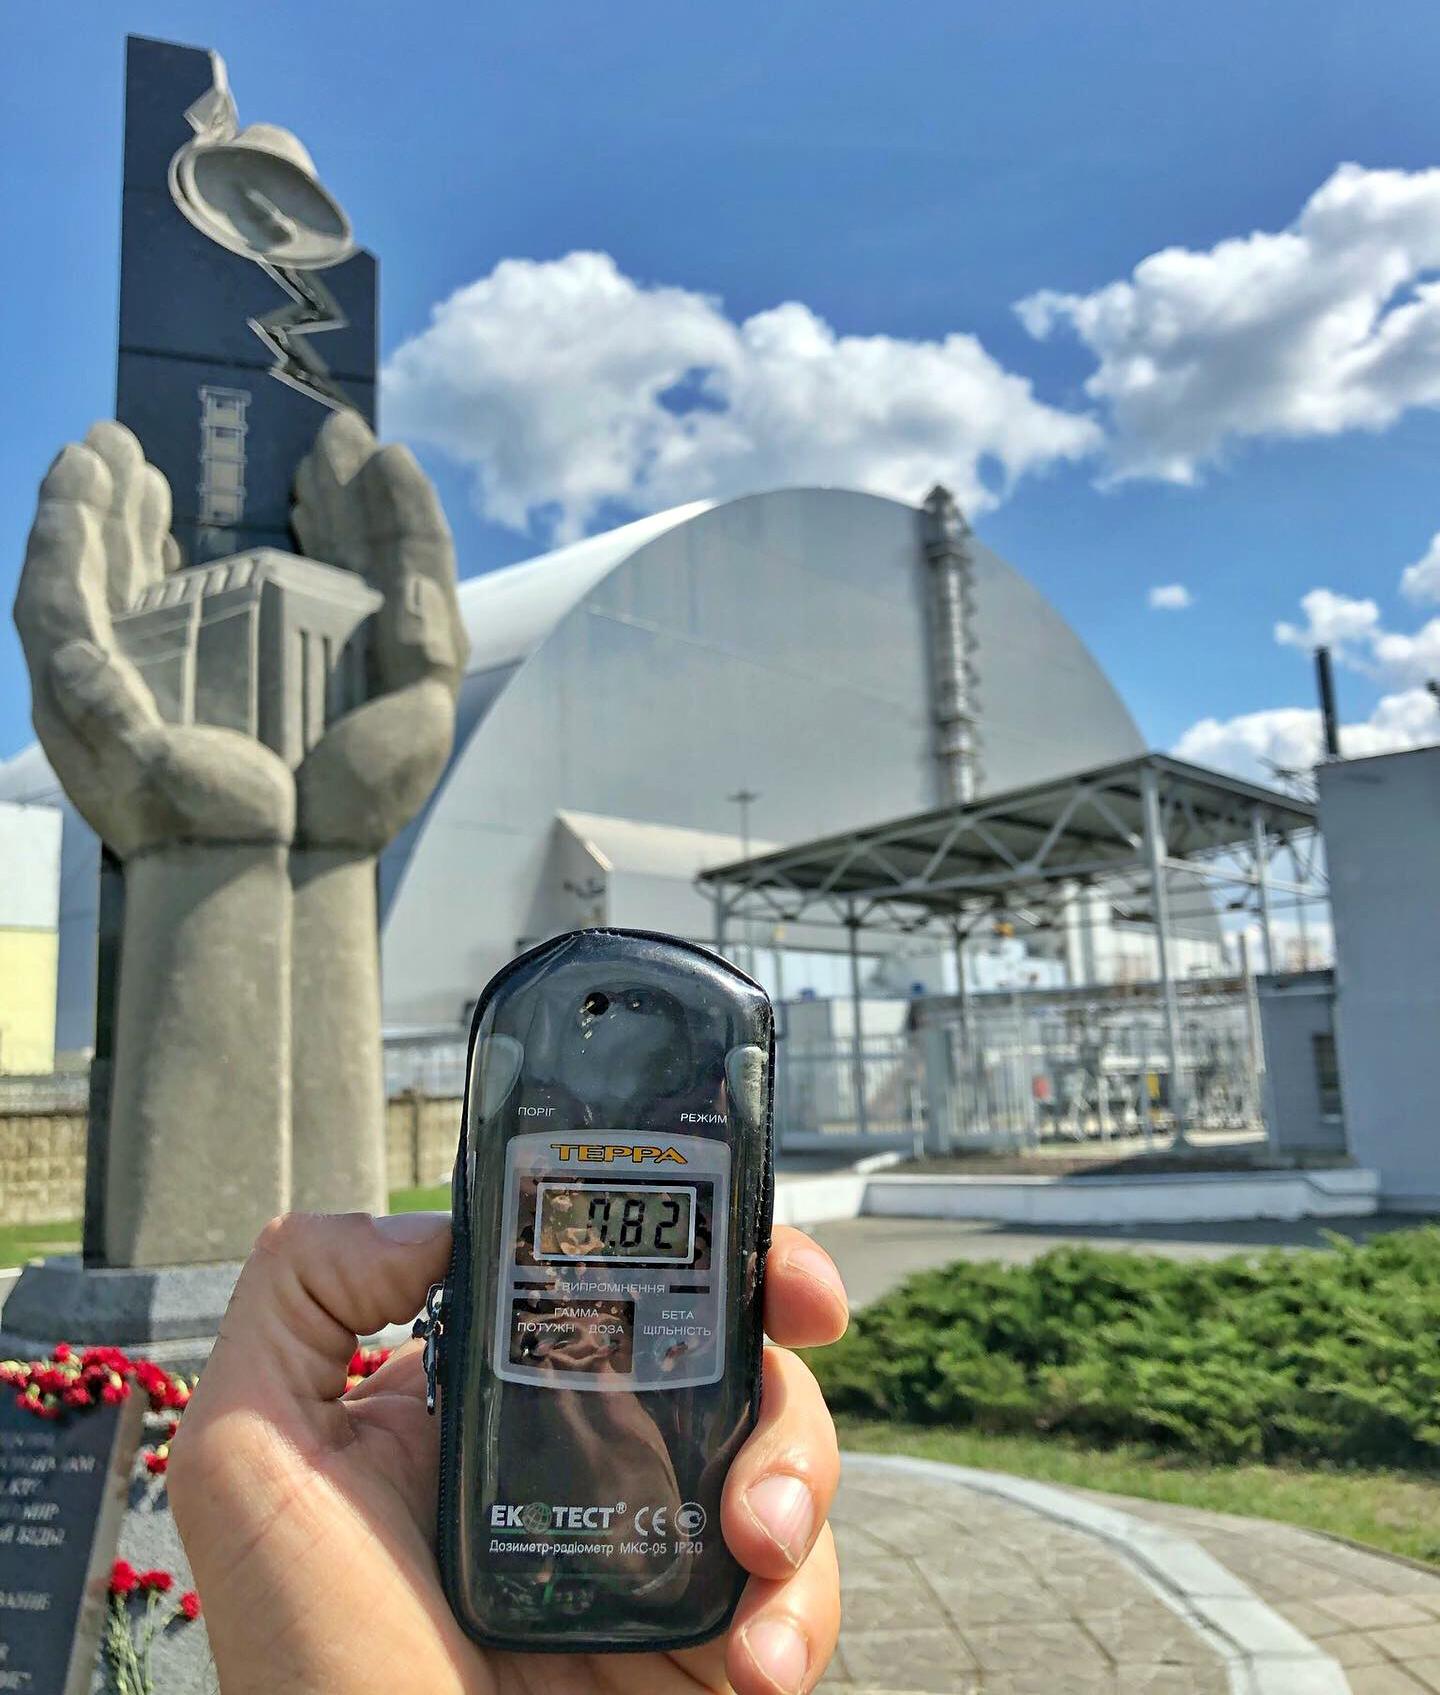 Visitar Chernóbil - Visitar Chernobyl Ucrania Ukraine Pripyat visitar chernóbil - 47045823134 0959fbb063 o - Visitar Chernóbil: el lugar más contaminado del planeta